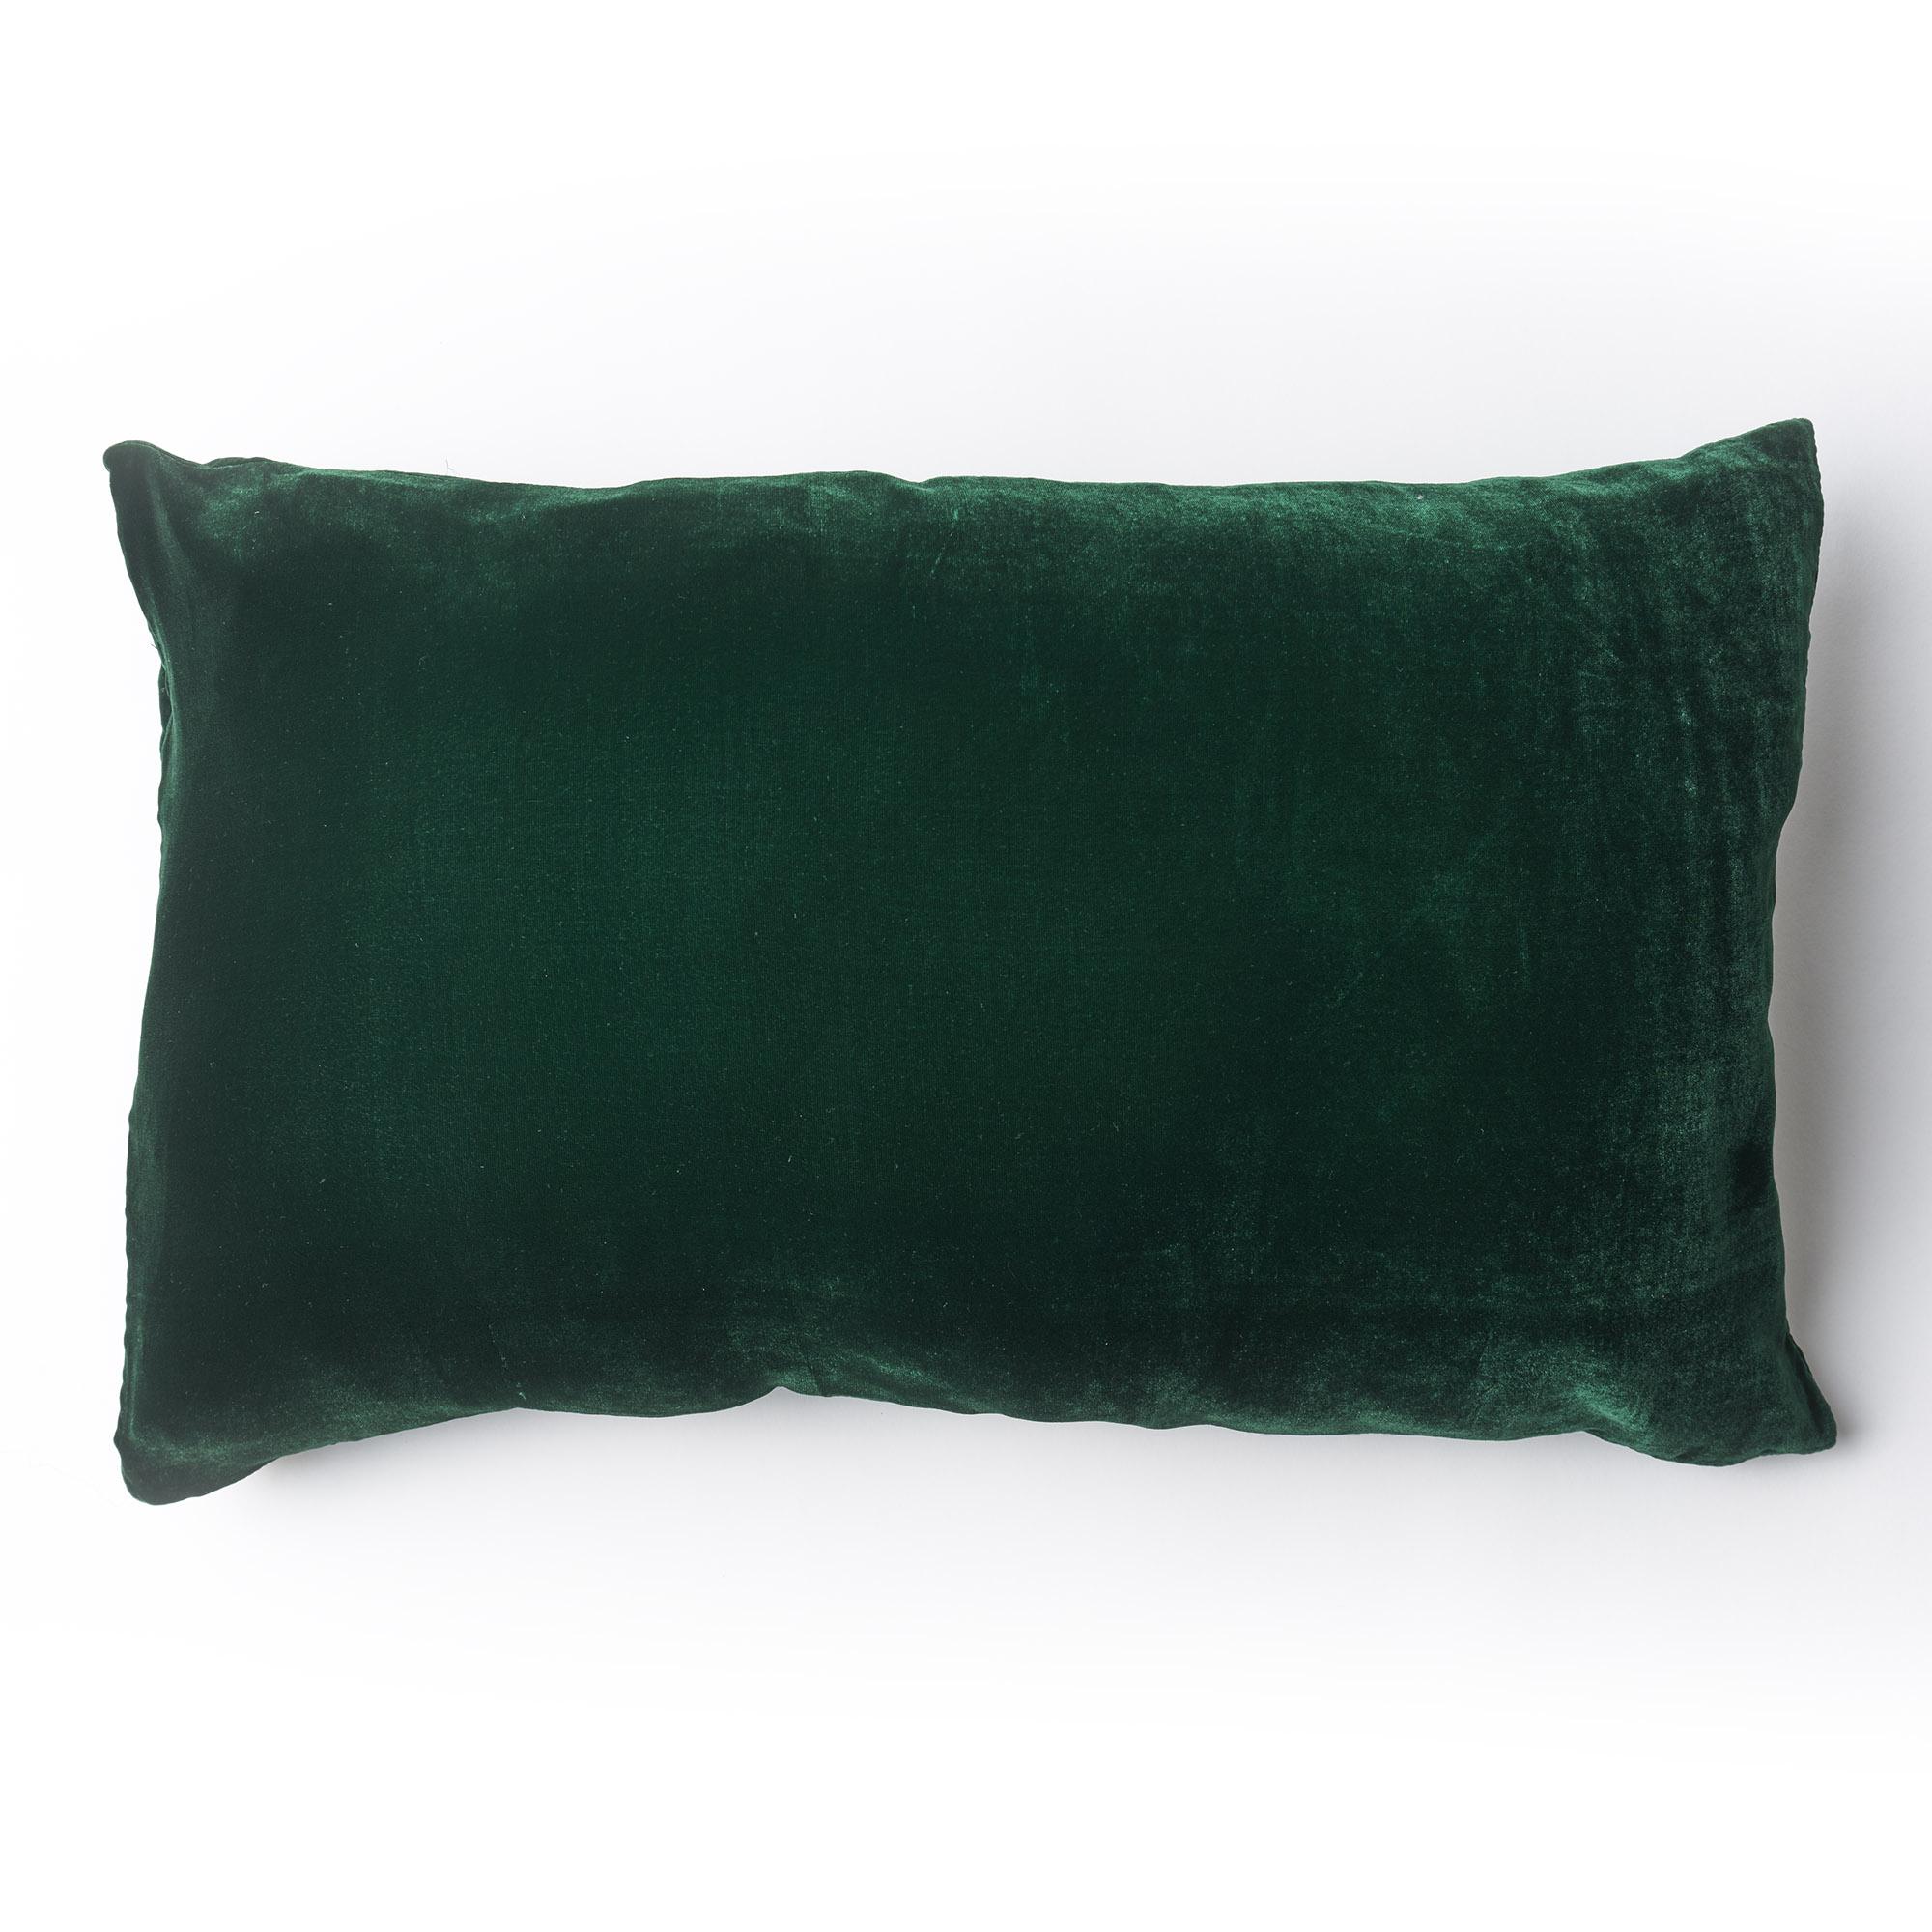 Almohadón de terciopelo, rectangular, verde inglés